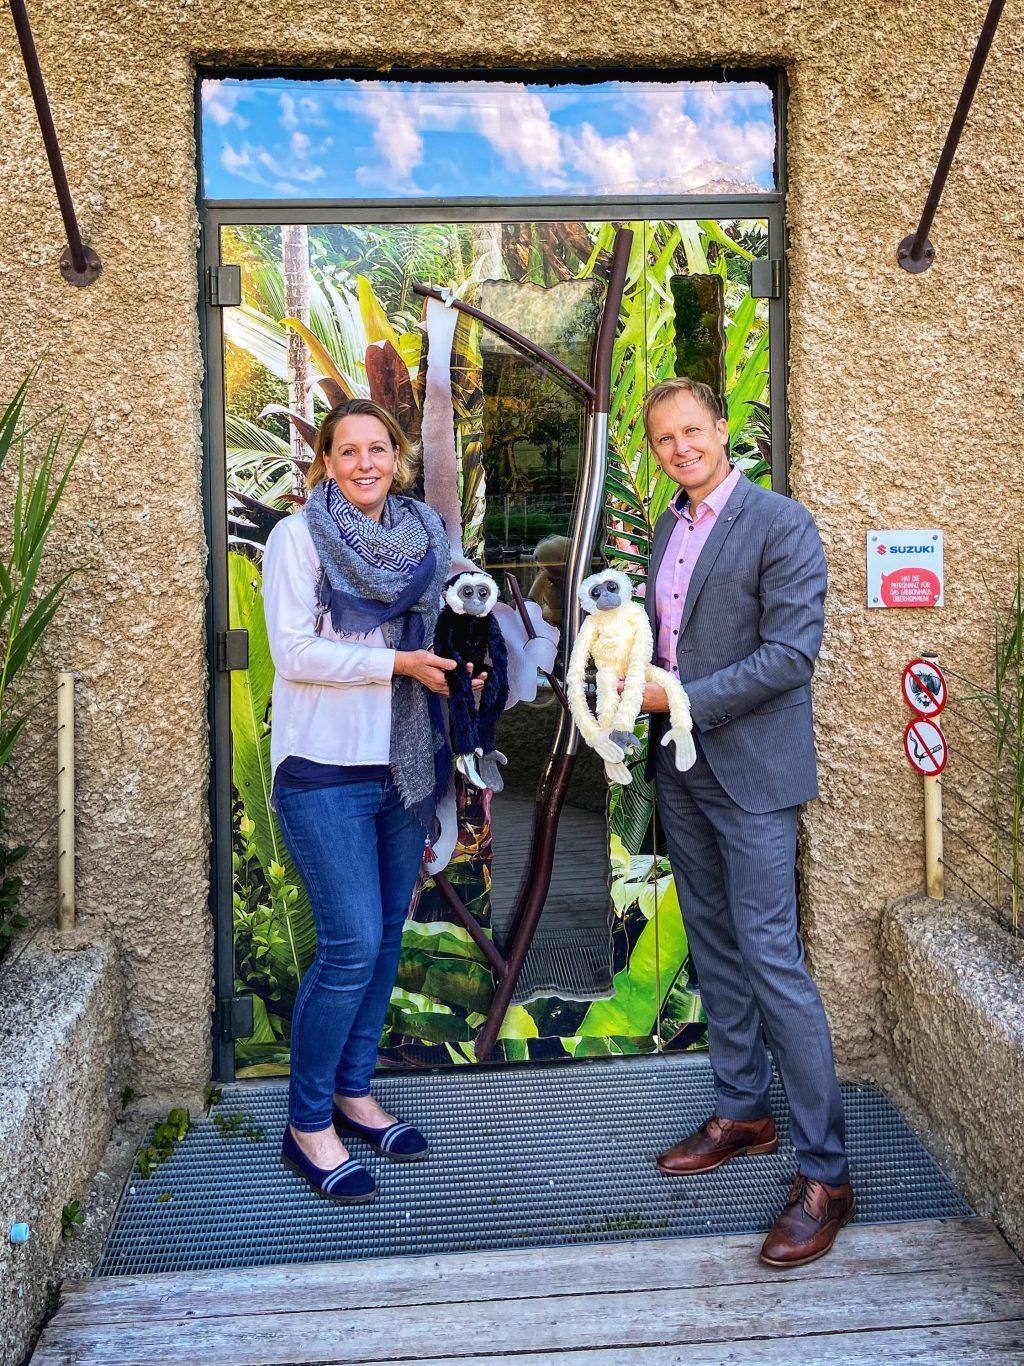 V.l.n.r. Mag. Sabine Grebner_Direktorin des Zoo Salzburg und Roland Pfeiffenberger MBA_Managing Director SUZUKI AUSTRIA